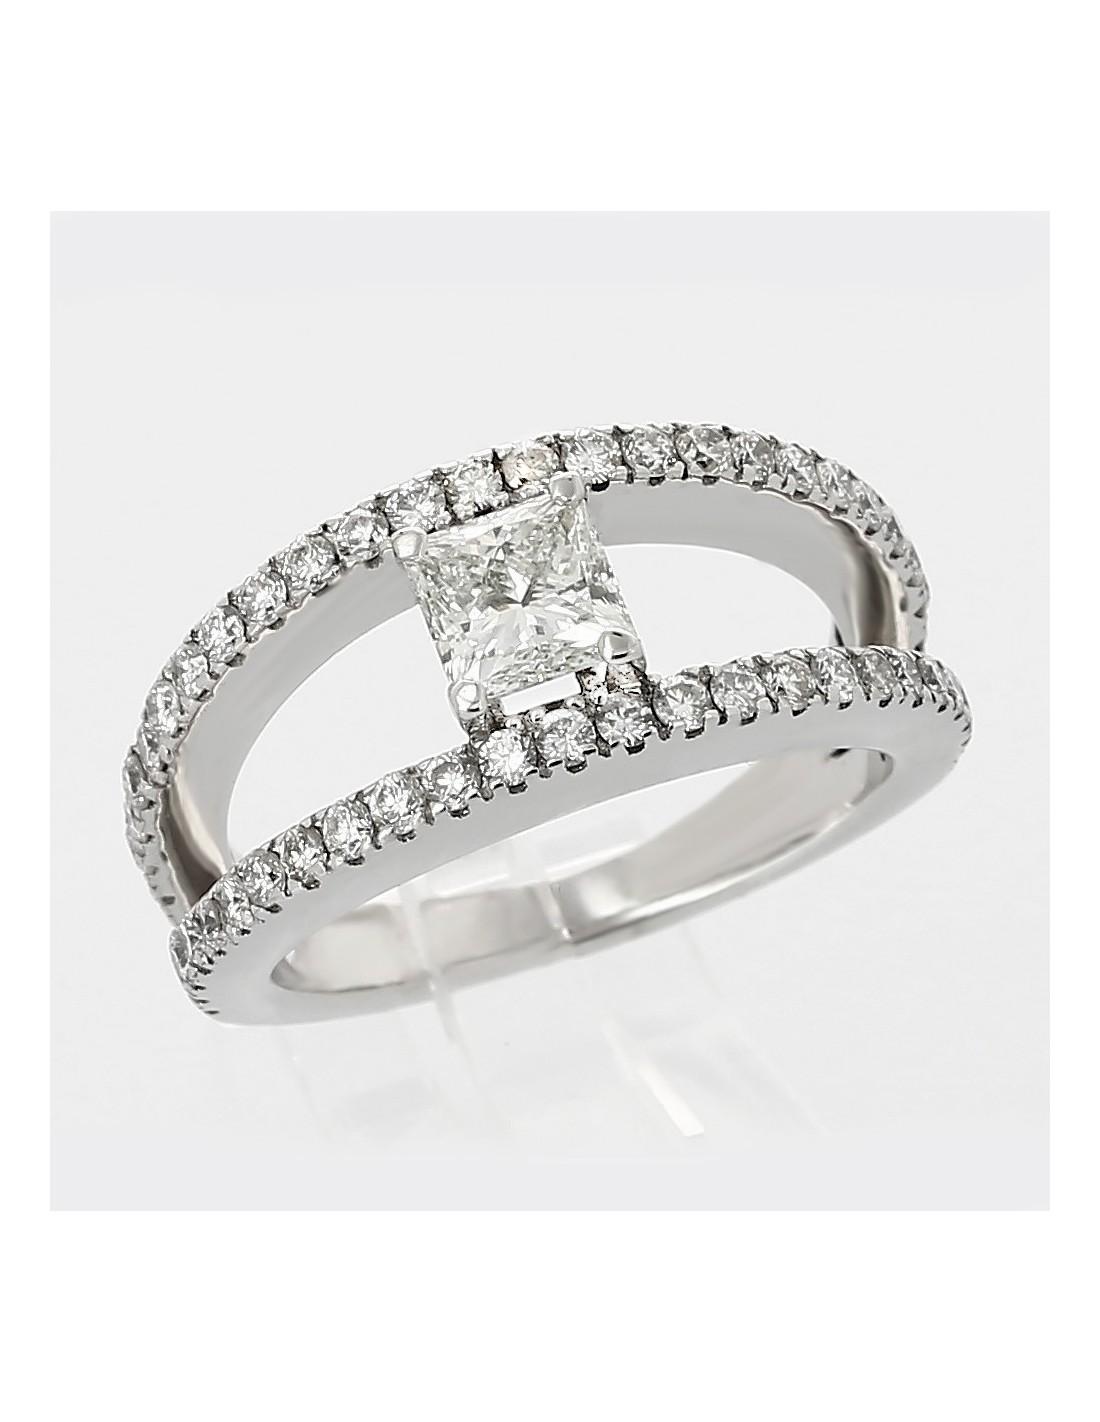 Bien-aimé Bague de fiançailles type solitaire. Diamant taille princesse 0,80  OA83